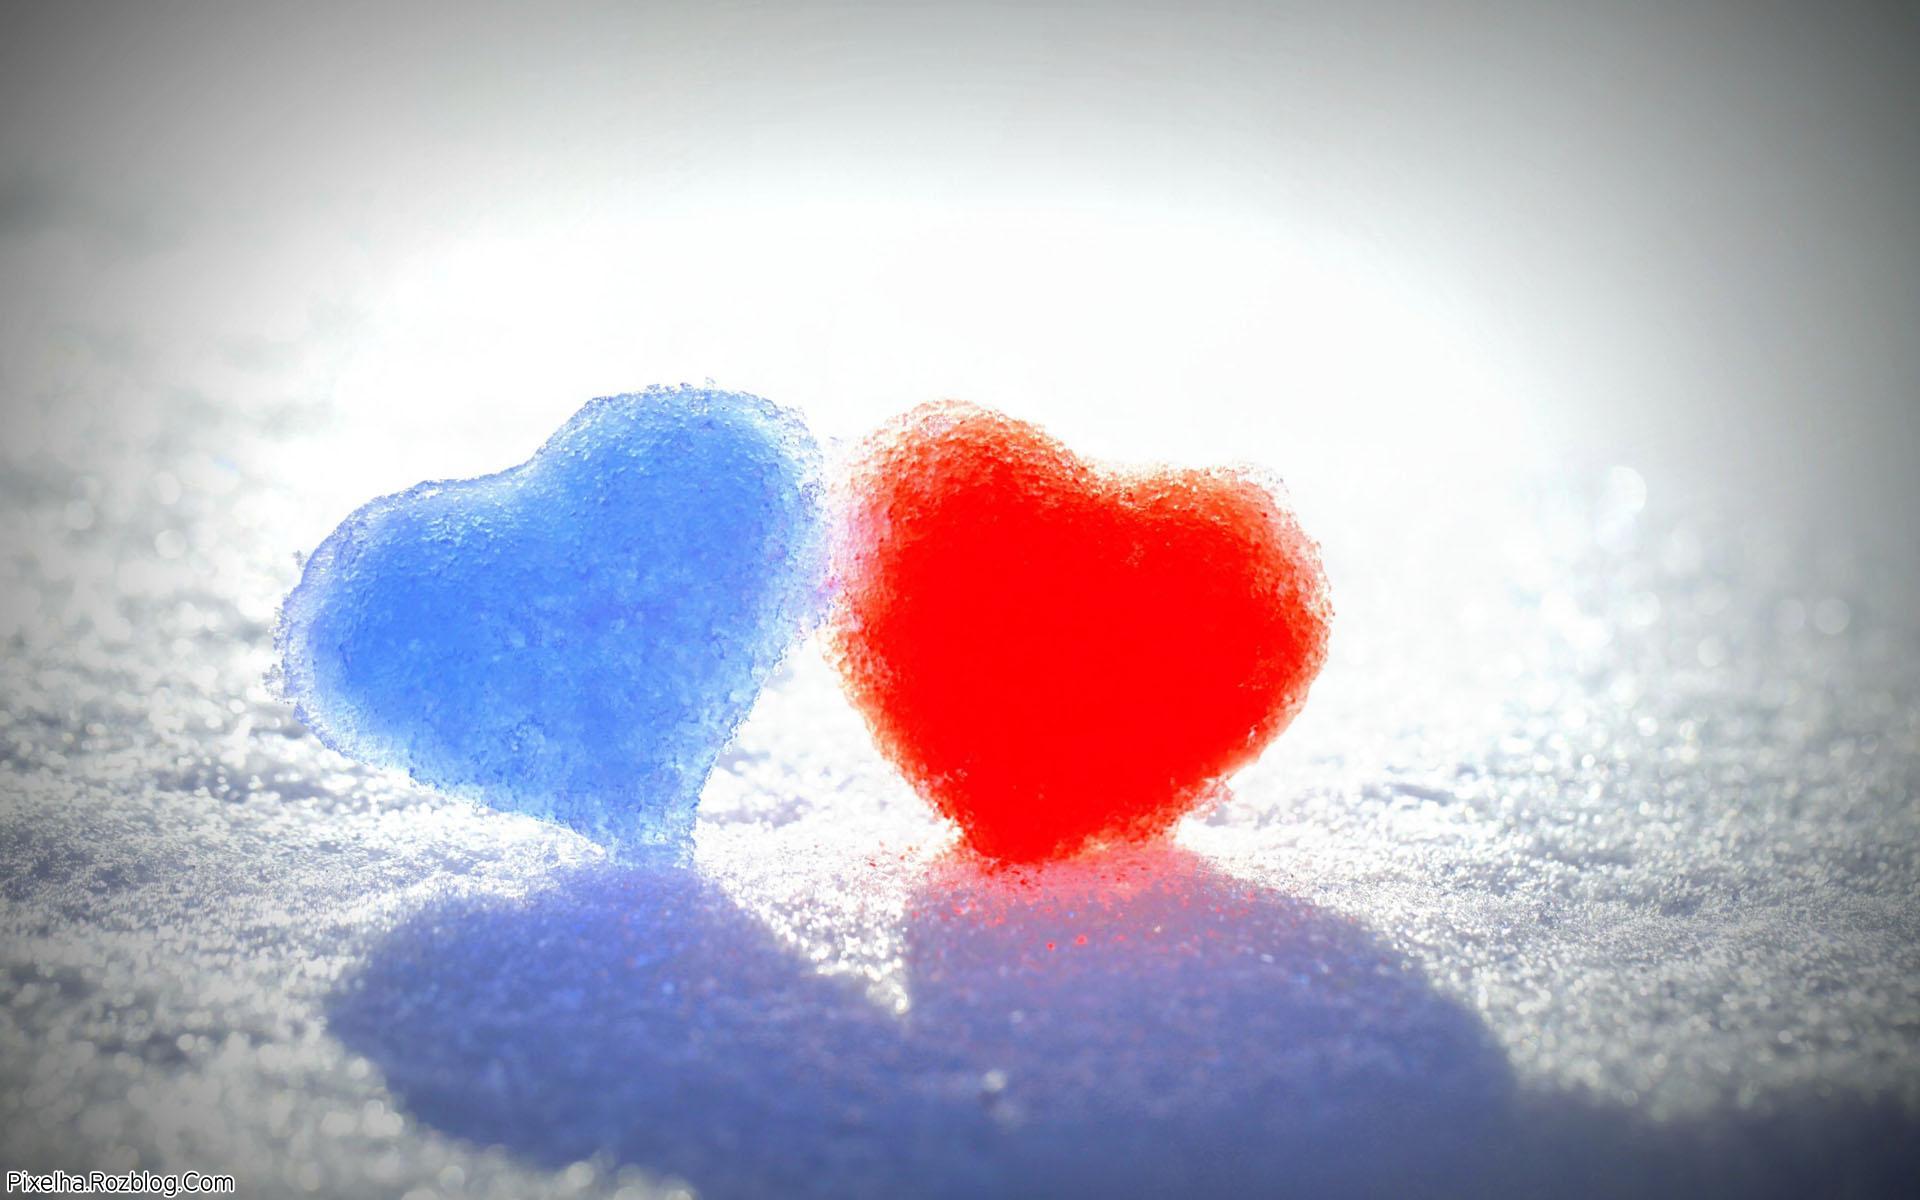 دو قلب آبی و قرمز برفی